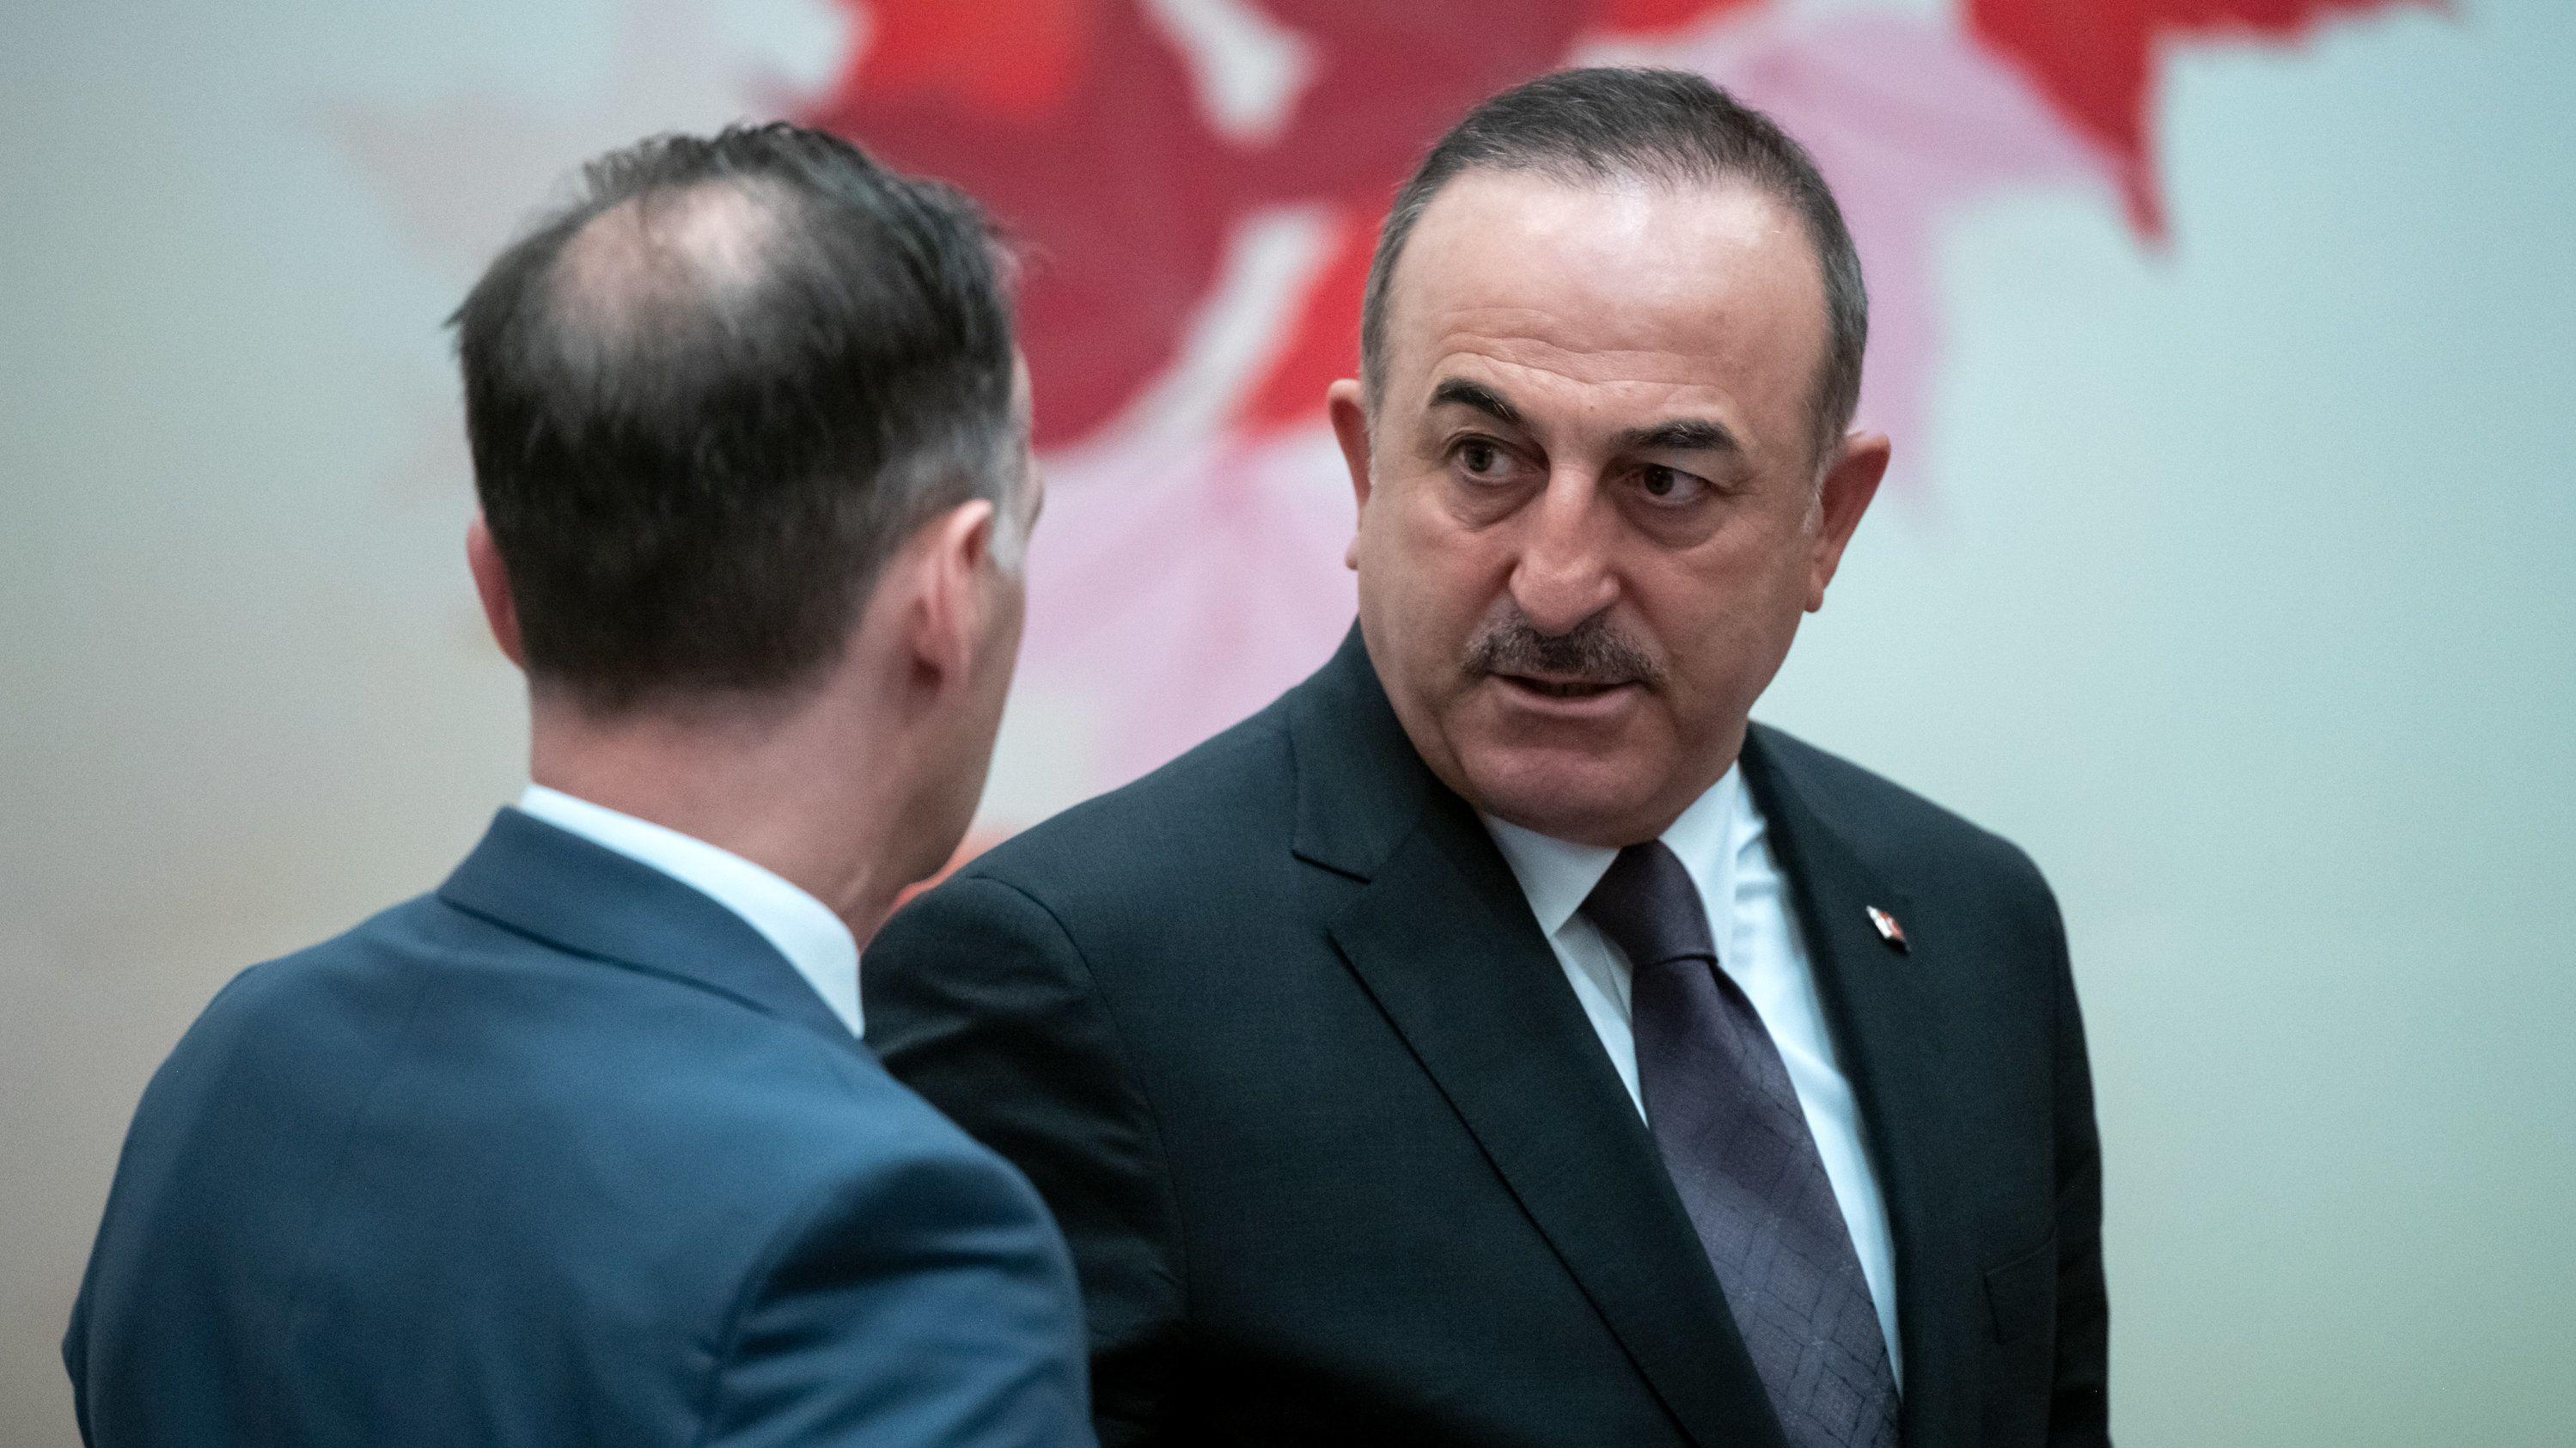 Außenminister Maas und sein türkischer Amtskollege Cavusoglu